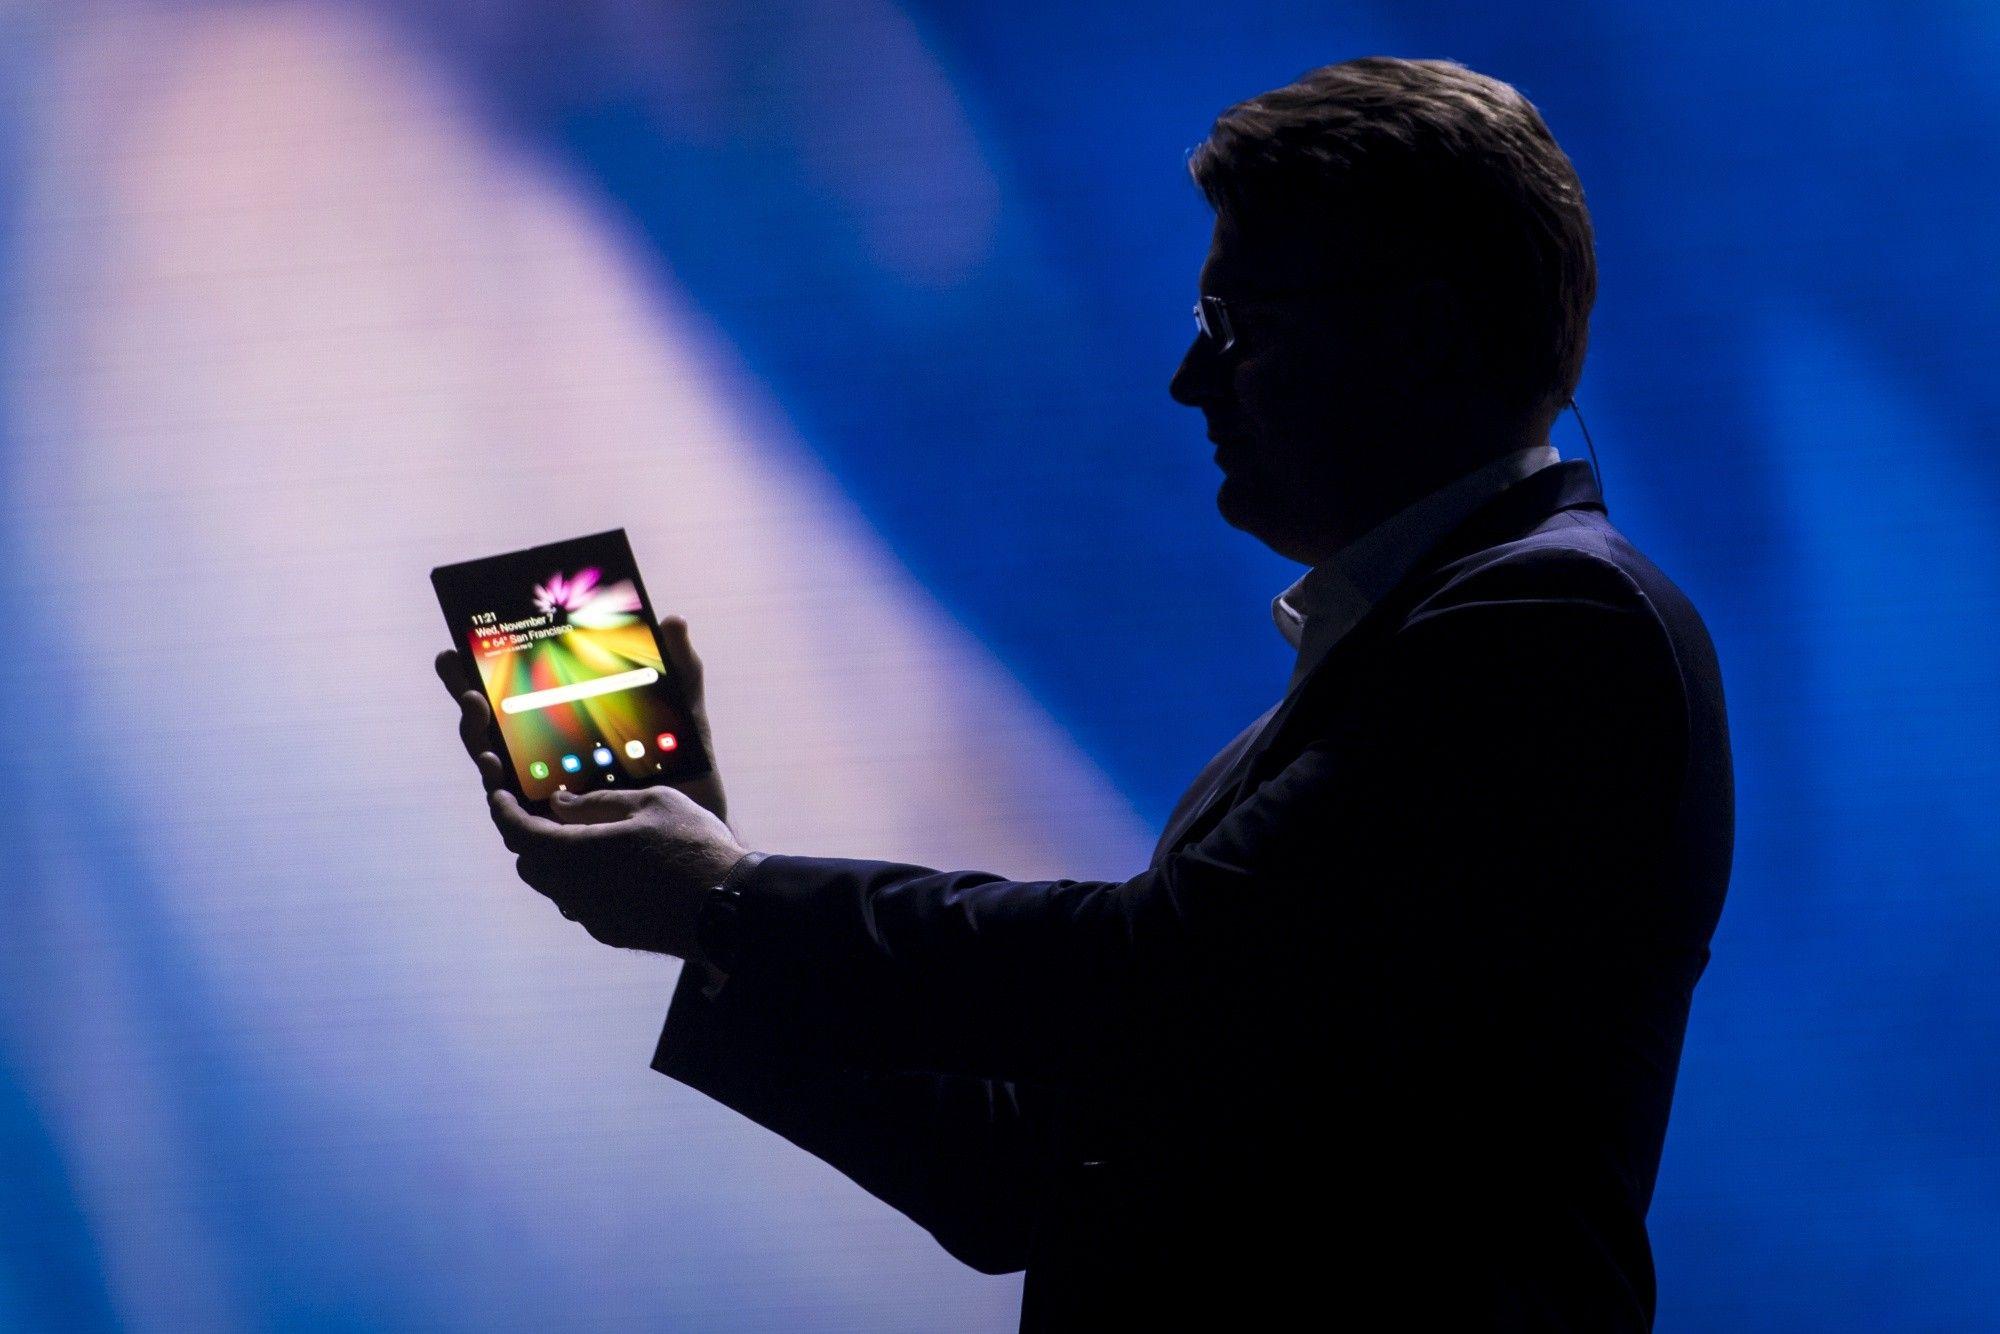 El increíble teléfono plegable de Samsung podría revivir a la industria tecnológica